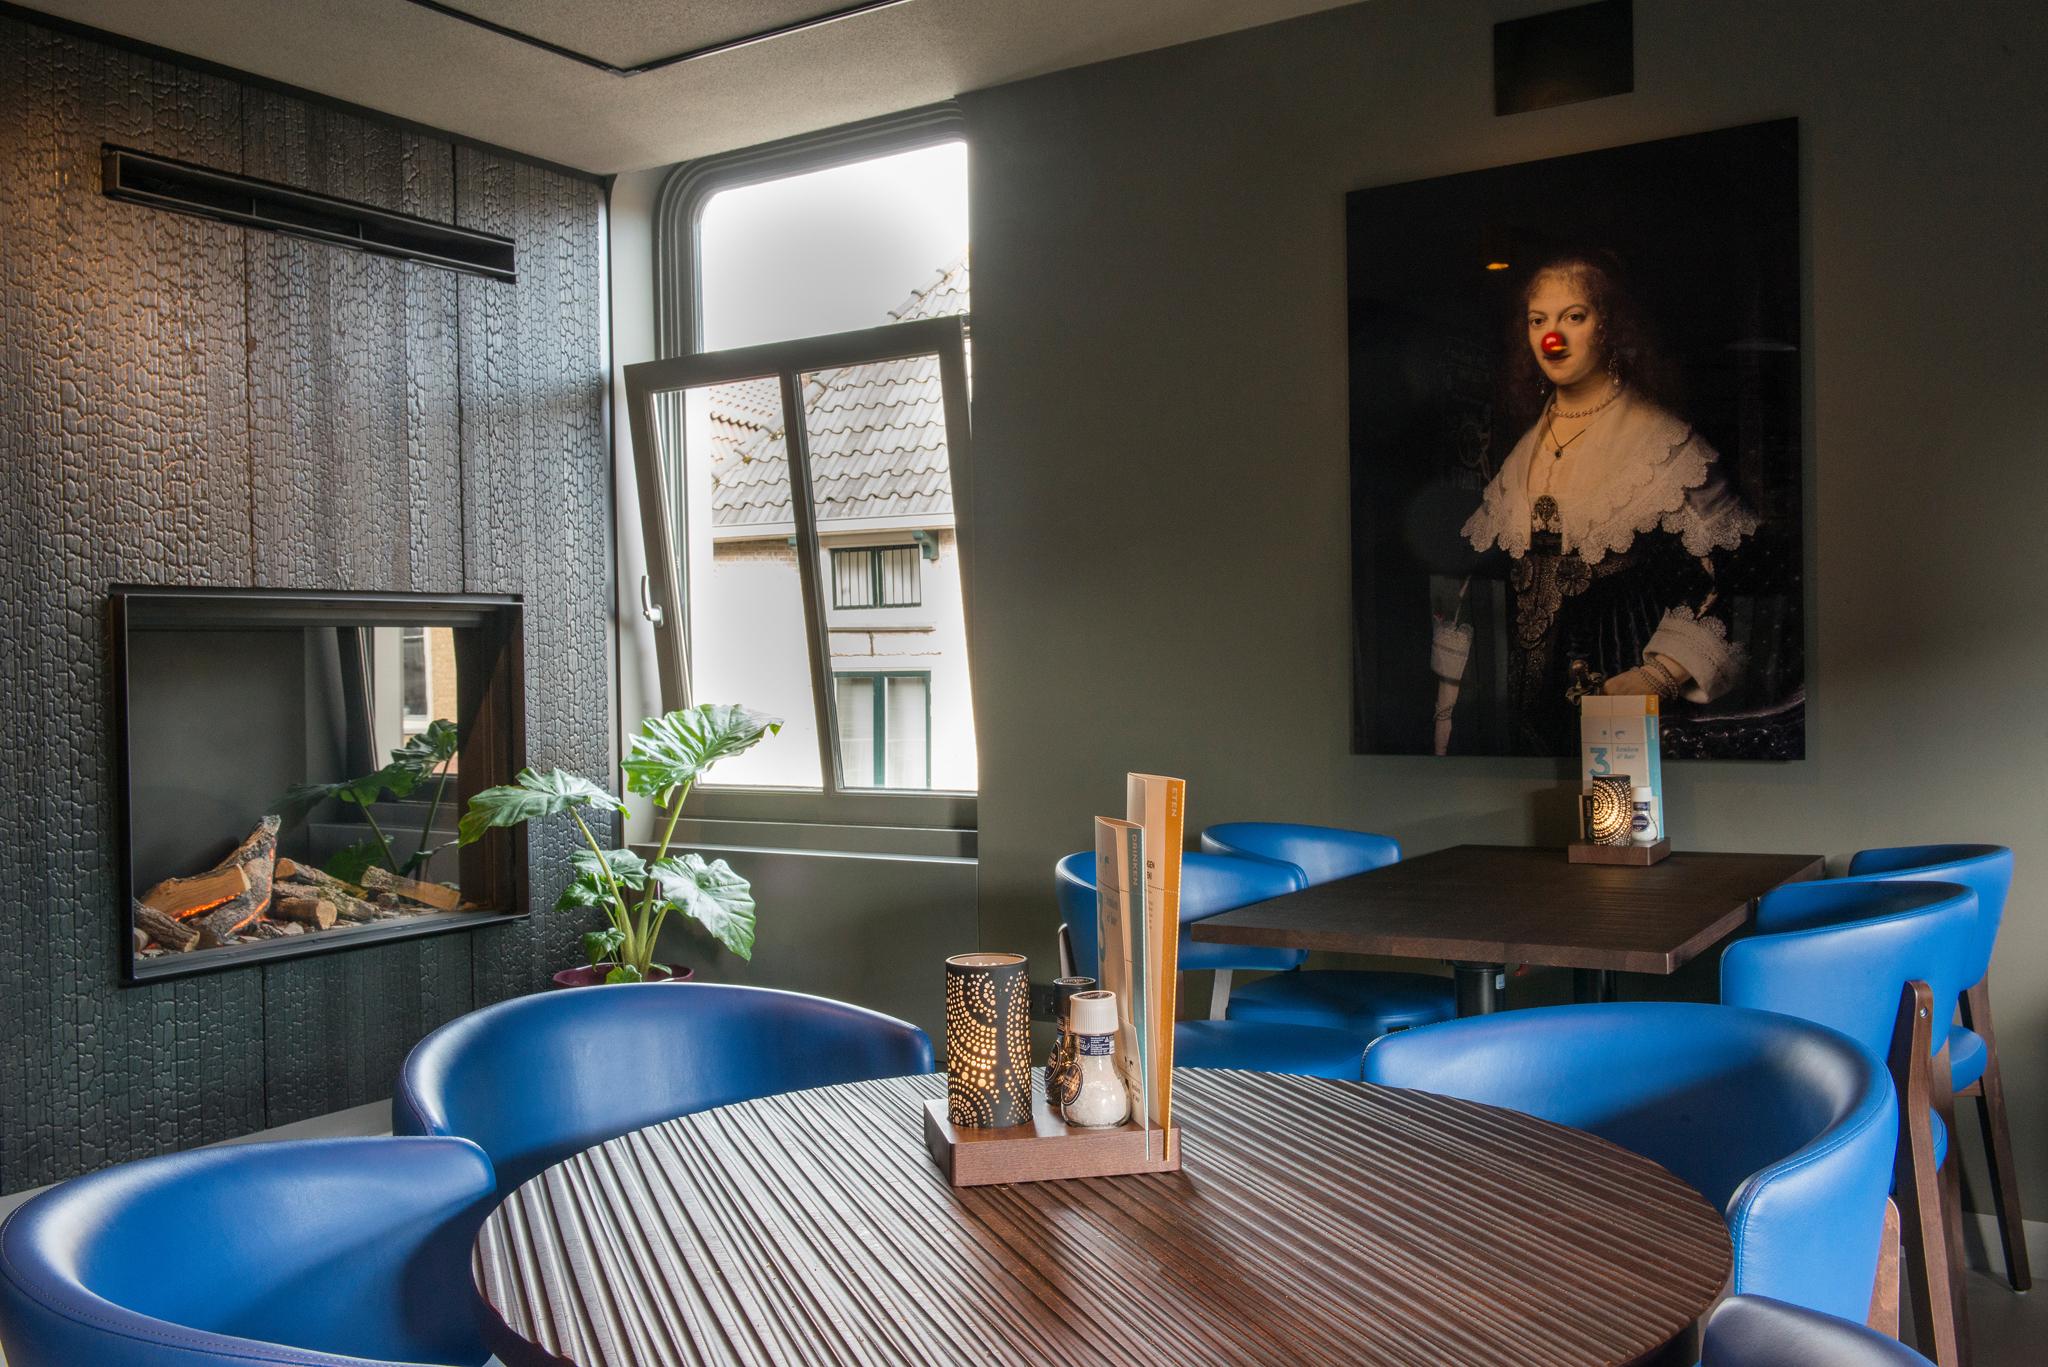 rietveld inrichting keuken en bar bernard tesink meubel maatwerk 2